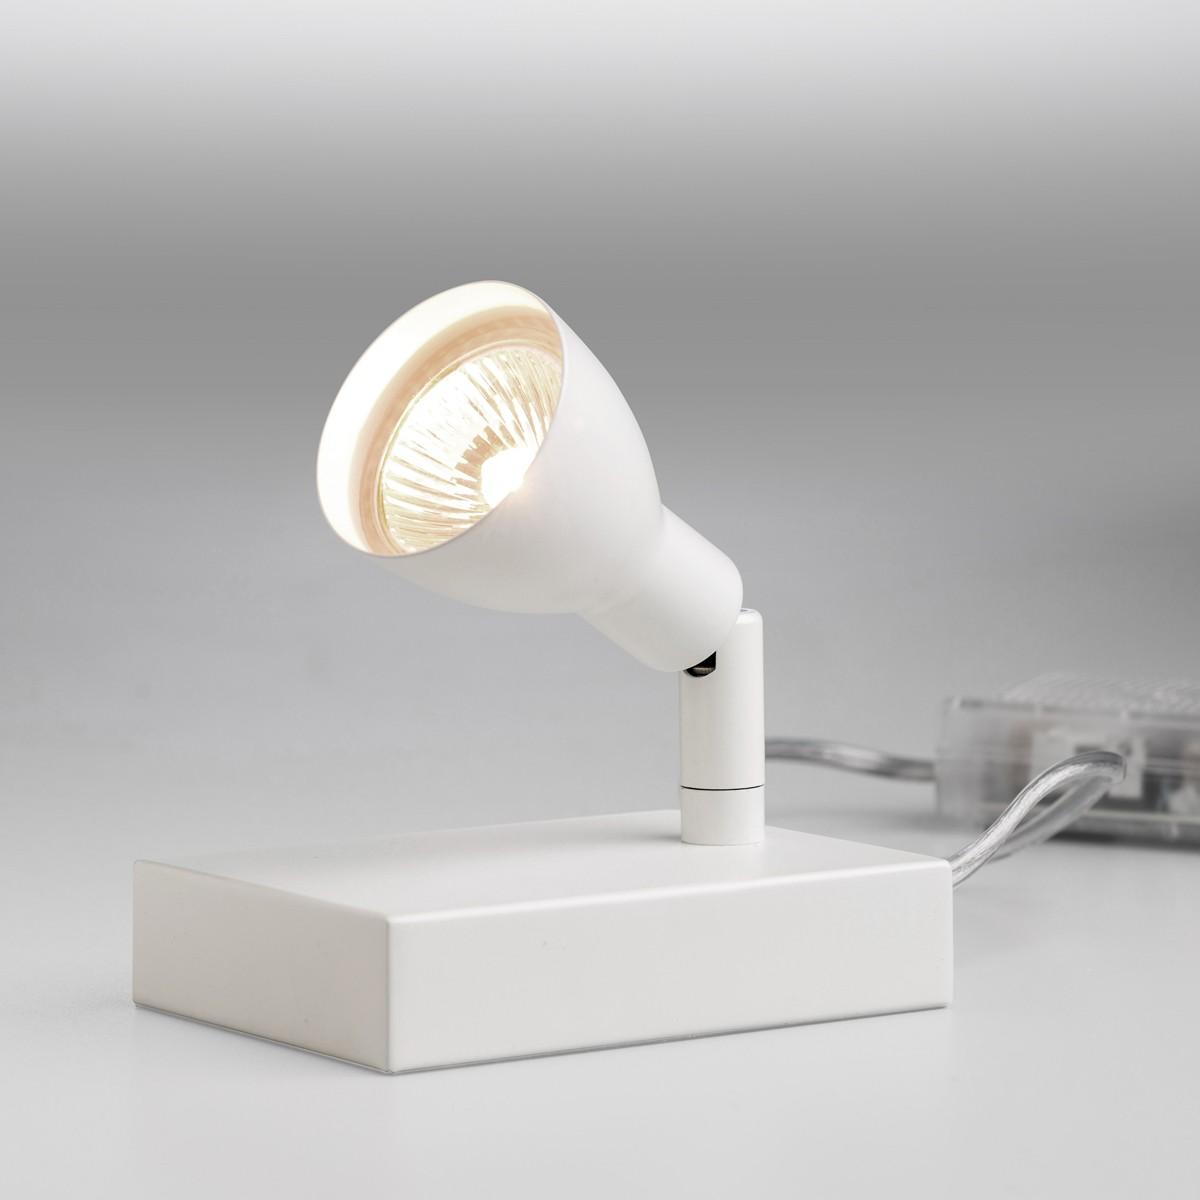 Lupia Licht Fari Tischleuchte, weiß